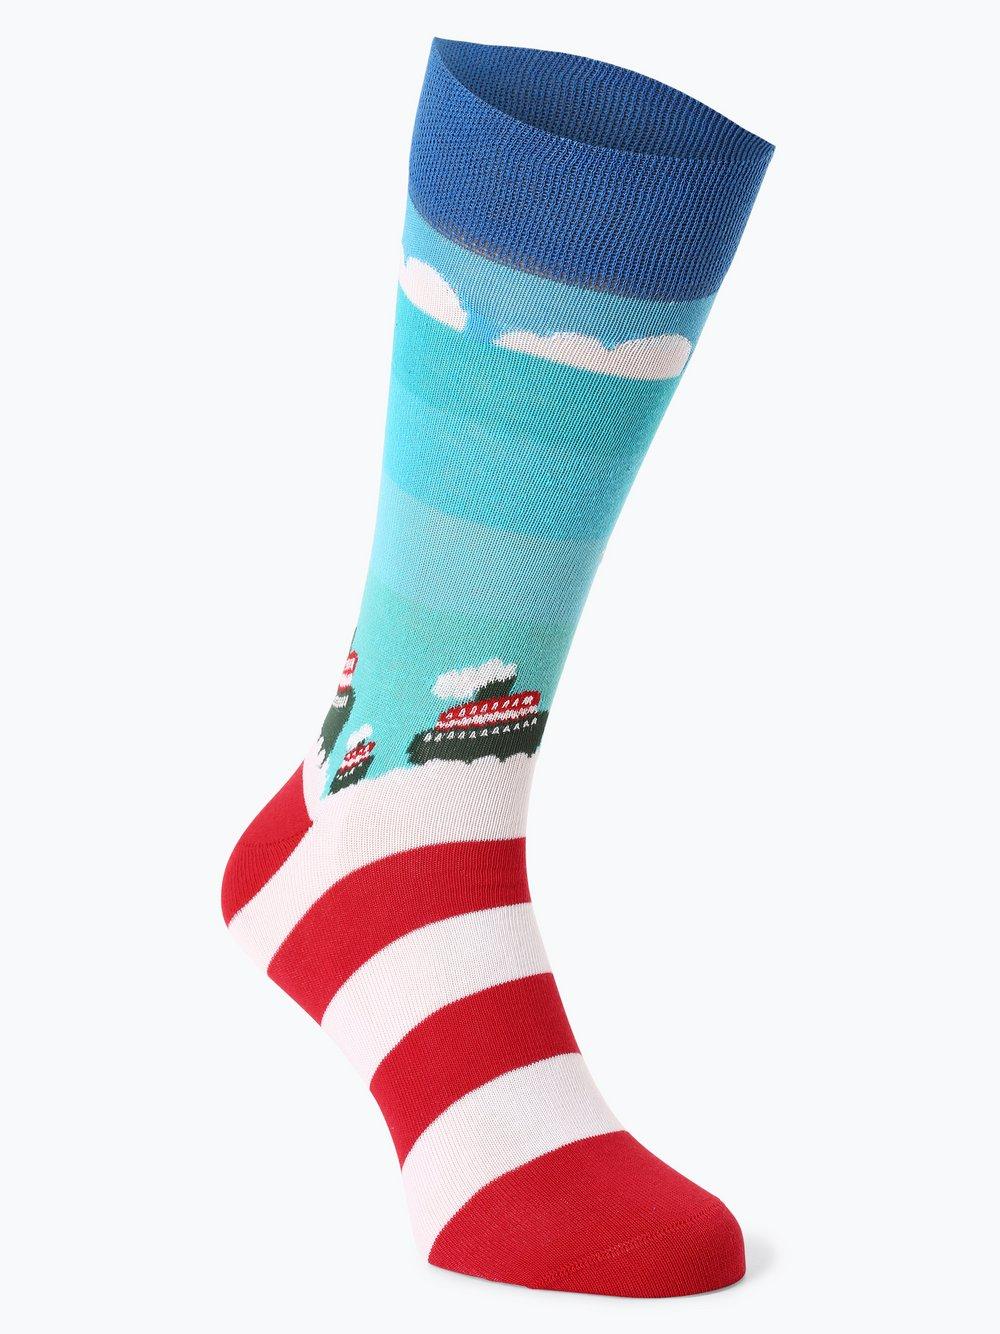 Unabux – Skarpety damskie, niebieski Van Graaf 446505-0001